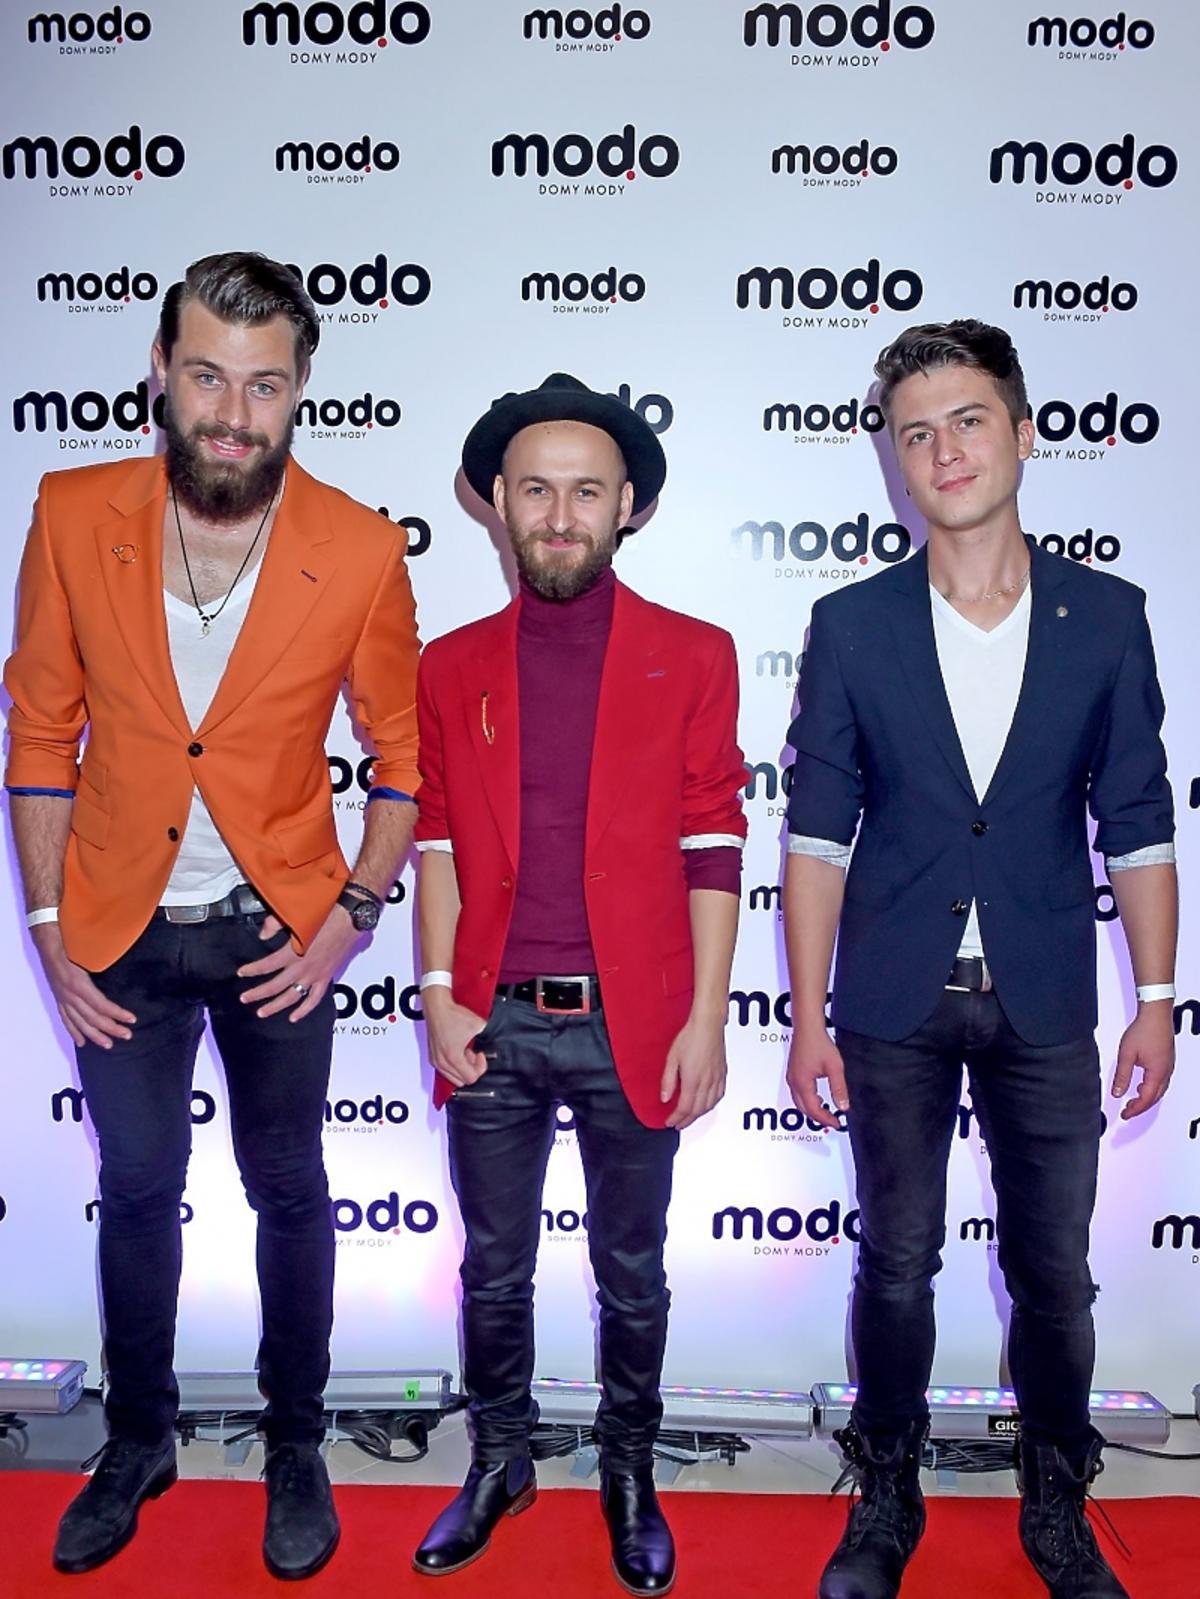 Ernest Staniaszek, Wojciech Baranowski i Konrad Kiełbasa na otwarciu domu mody MODO